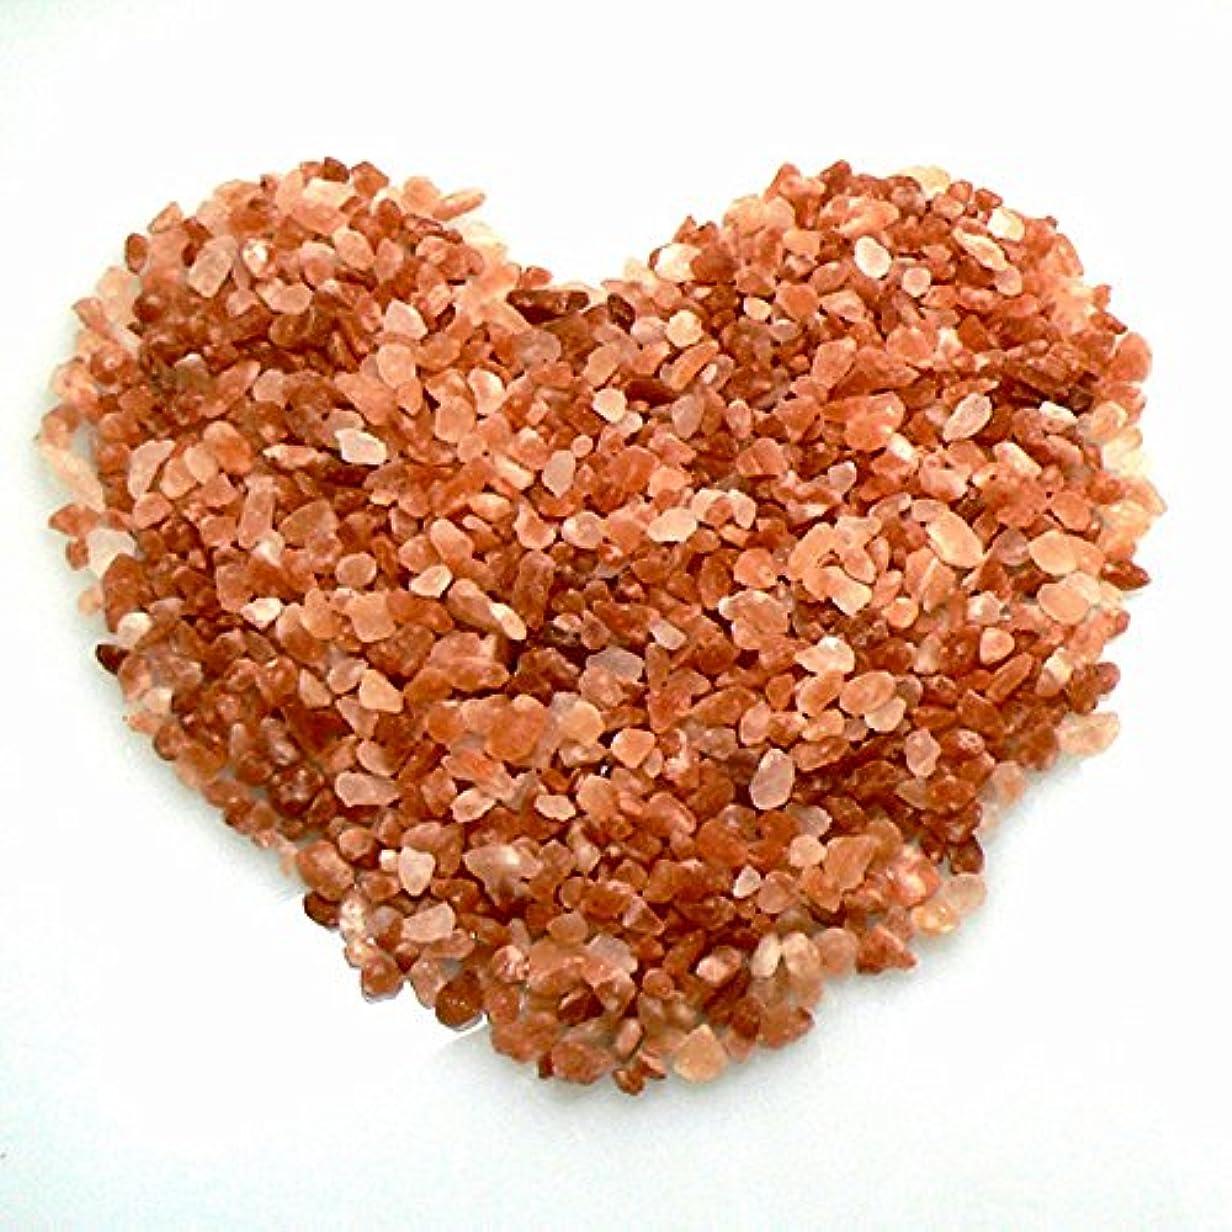 荒廃する書誌勇気のあるヒマラヤ岩塩 ピンクソルト 入浴用 バスソルト(小粒)2kg ピンク岩塩